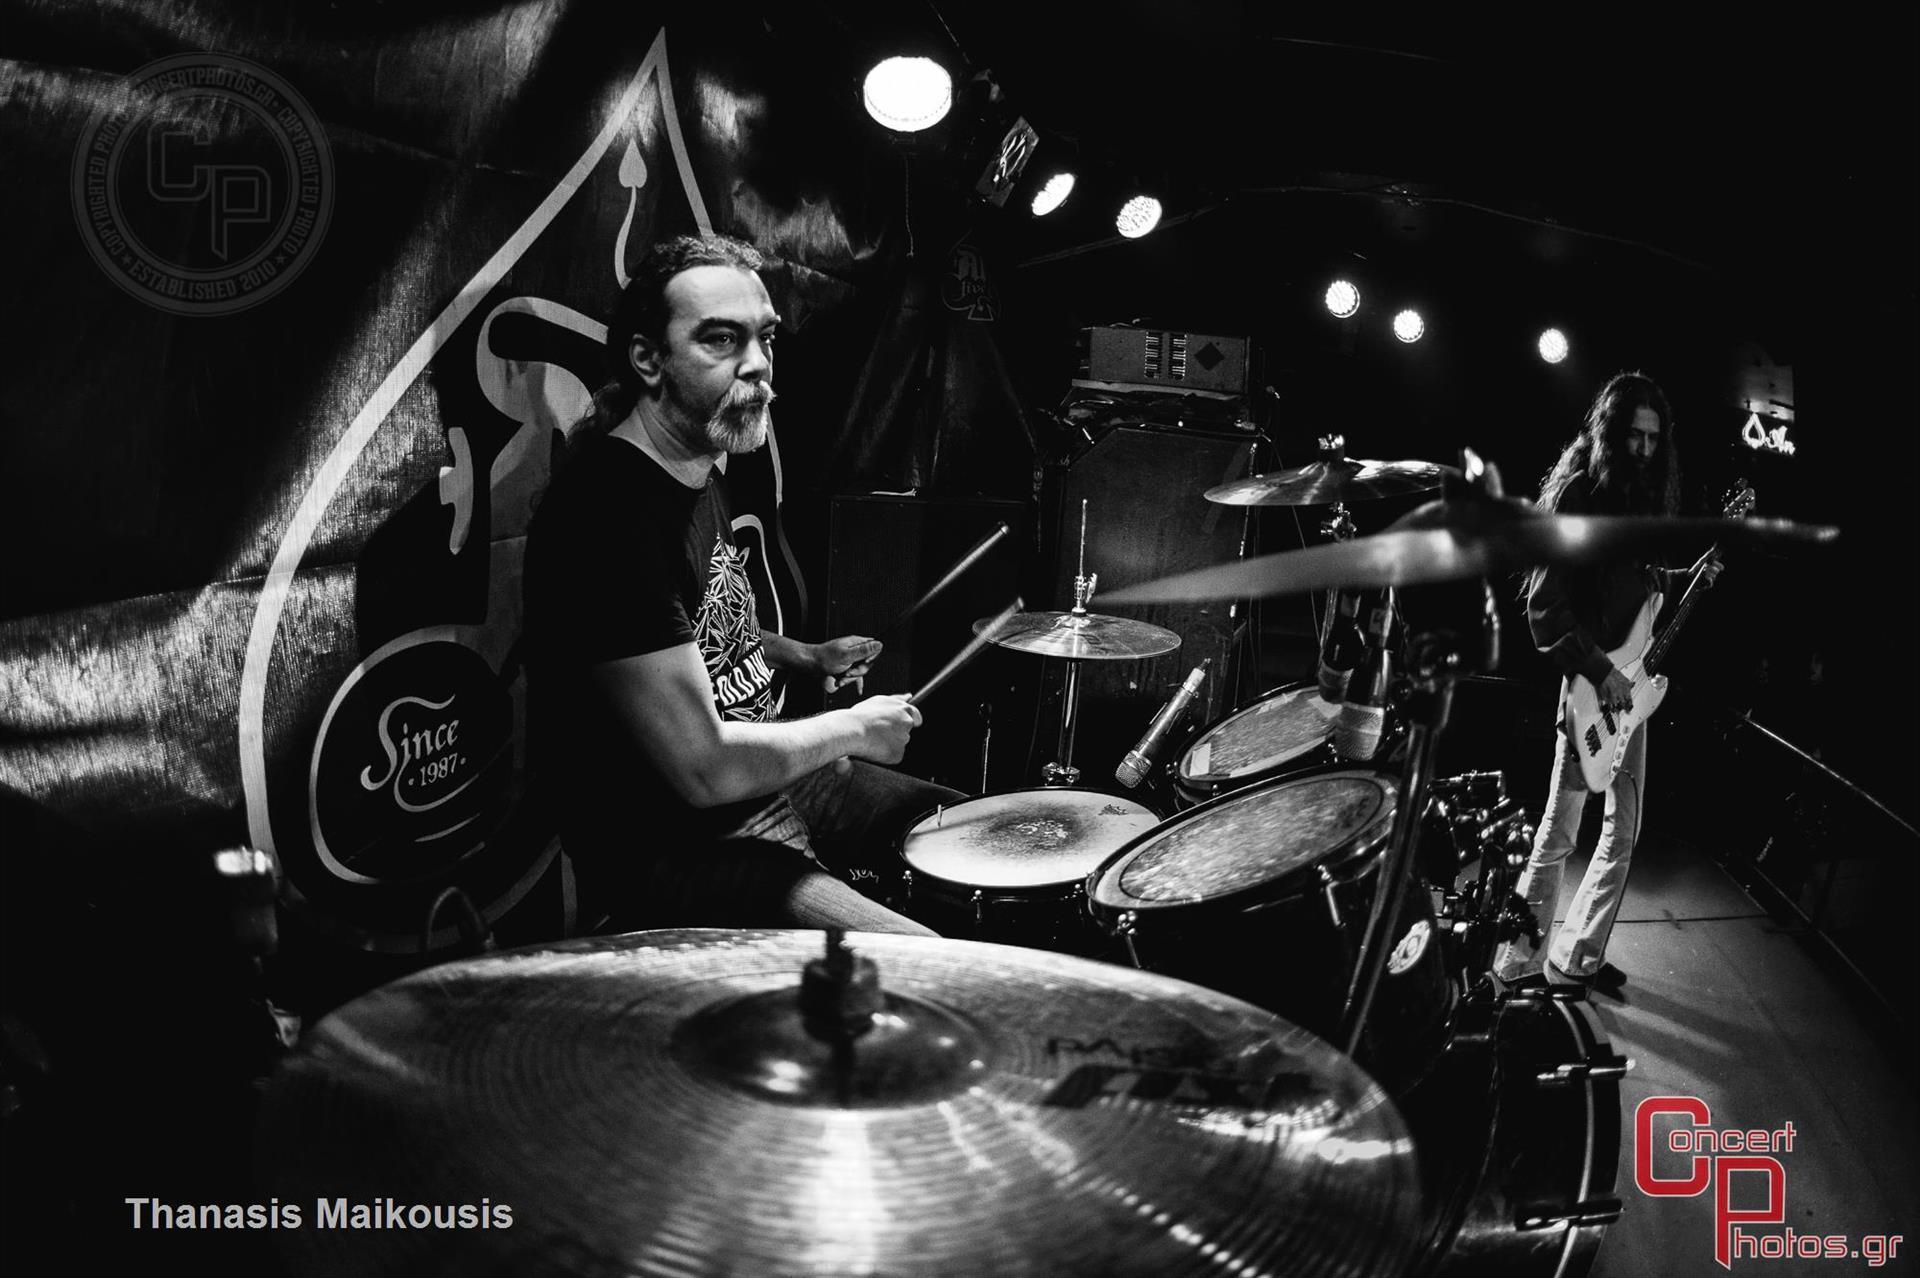 Battle Of The Bands Leg 5-Battle Of The Bands Leg 4 photographer: Thanasis Maikousis - ConcertPhotos - 20150315_2352_07